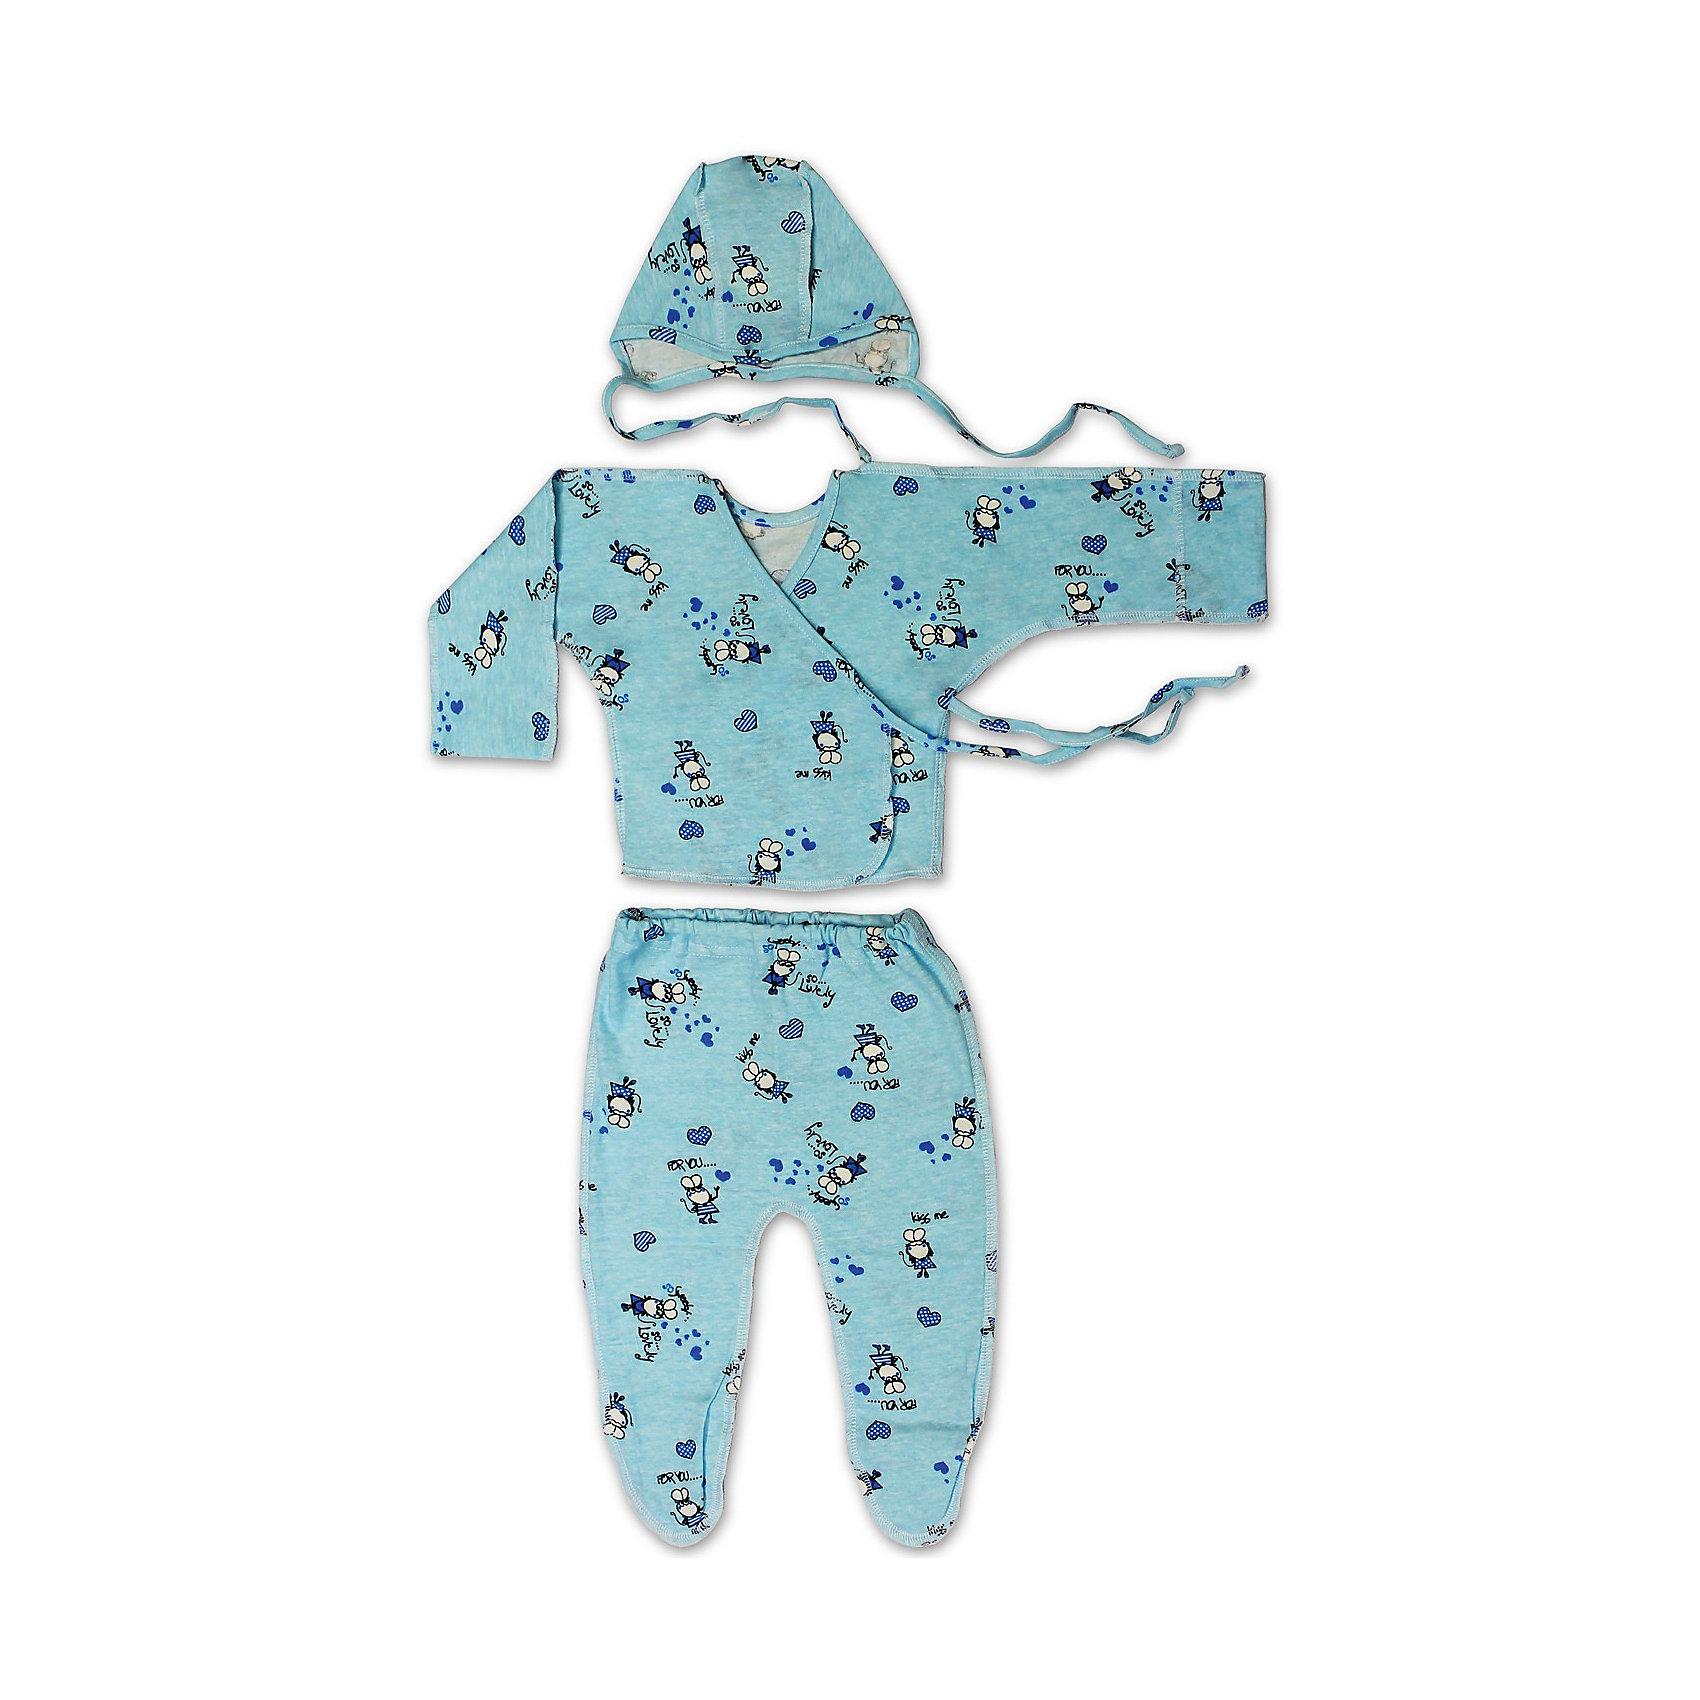 ФЭСТ Комплект стерильного белья для новорожденного ФЭСТ